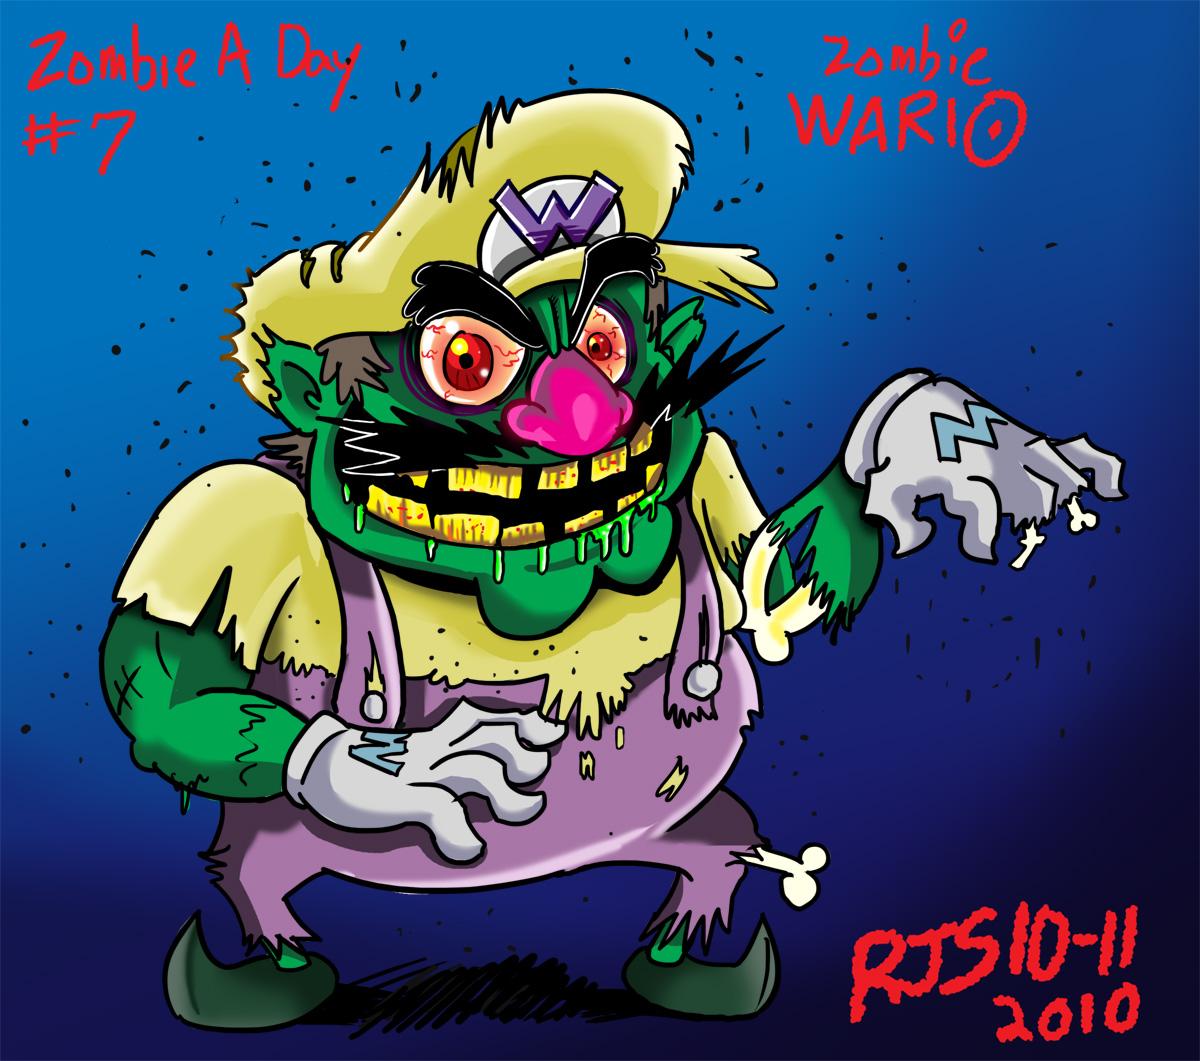 Zombie Wario